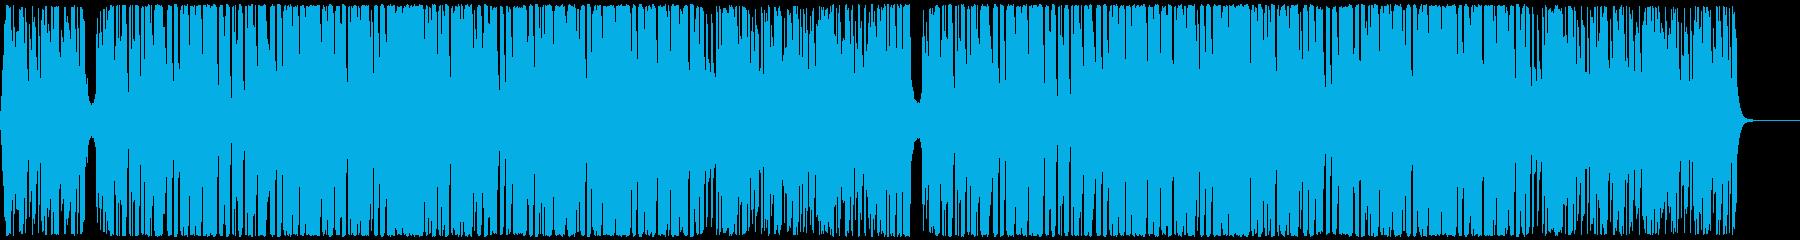 爽快でハッピーなEDMハウス CM・映像の再生済みの波形